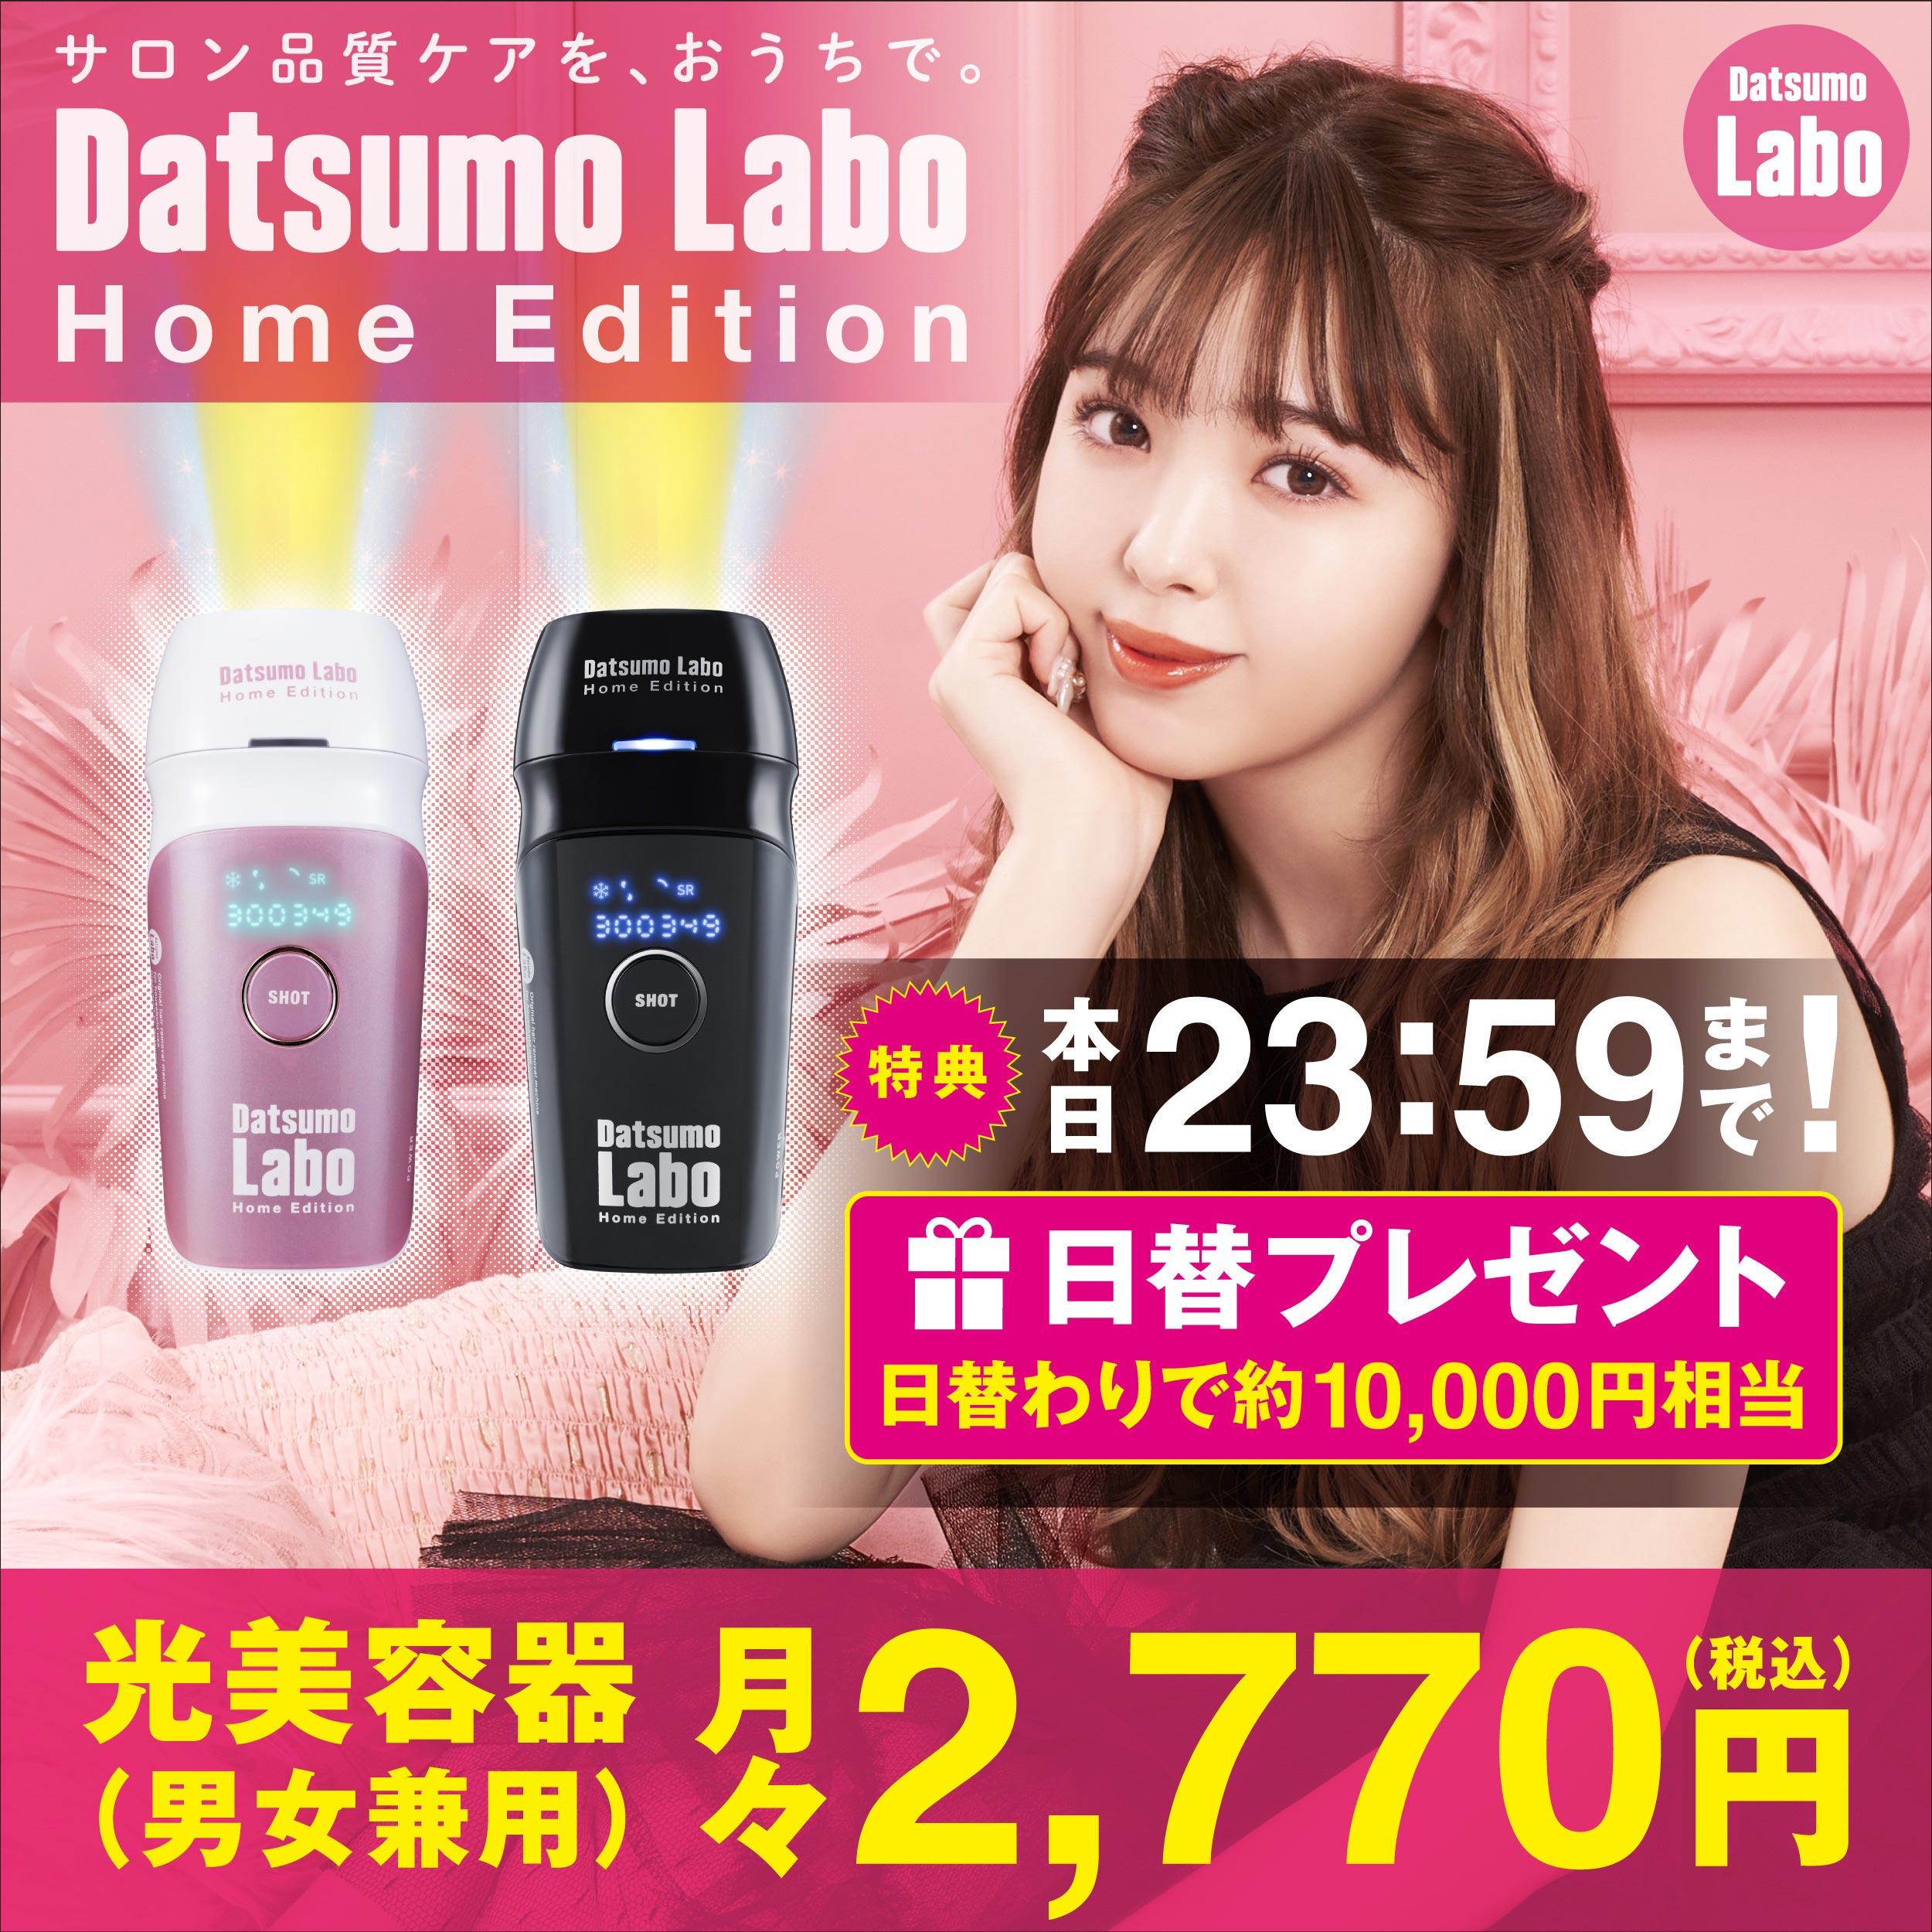 脱毛ラボ・ホームエディション-VIO効果・口コミ/評判